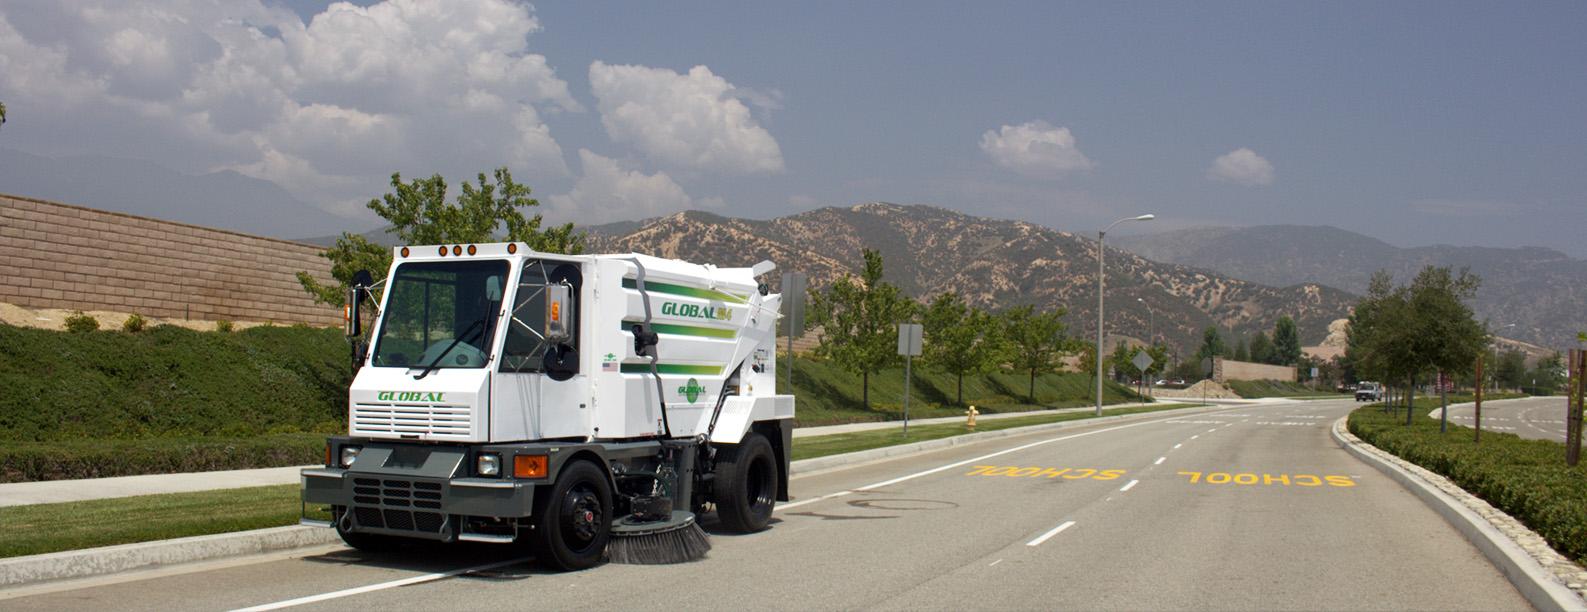 Global M4 Street Sweeper